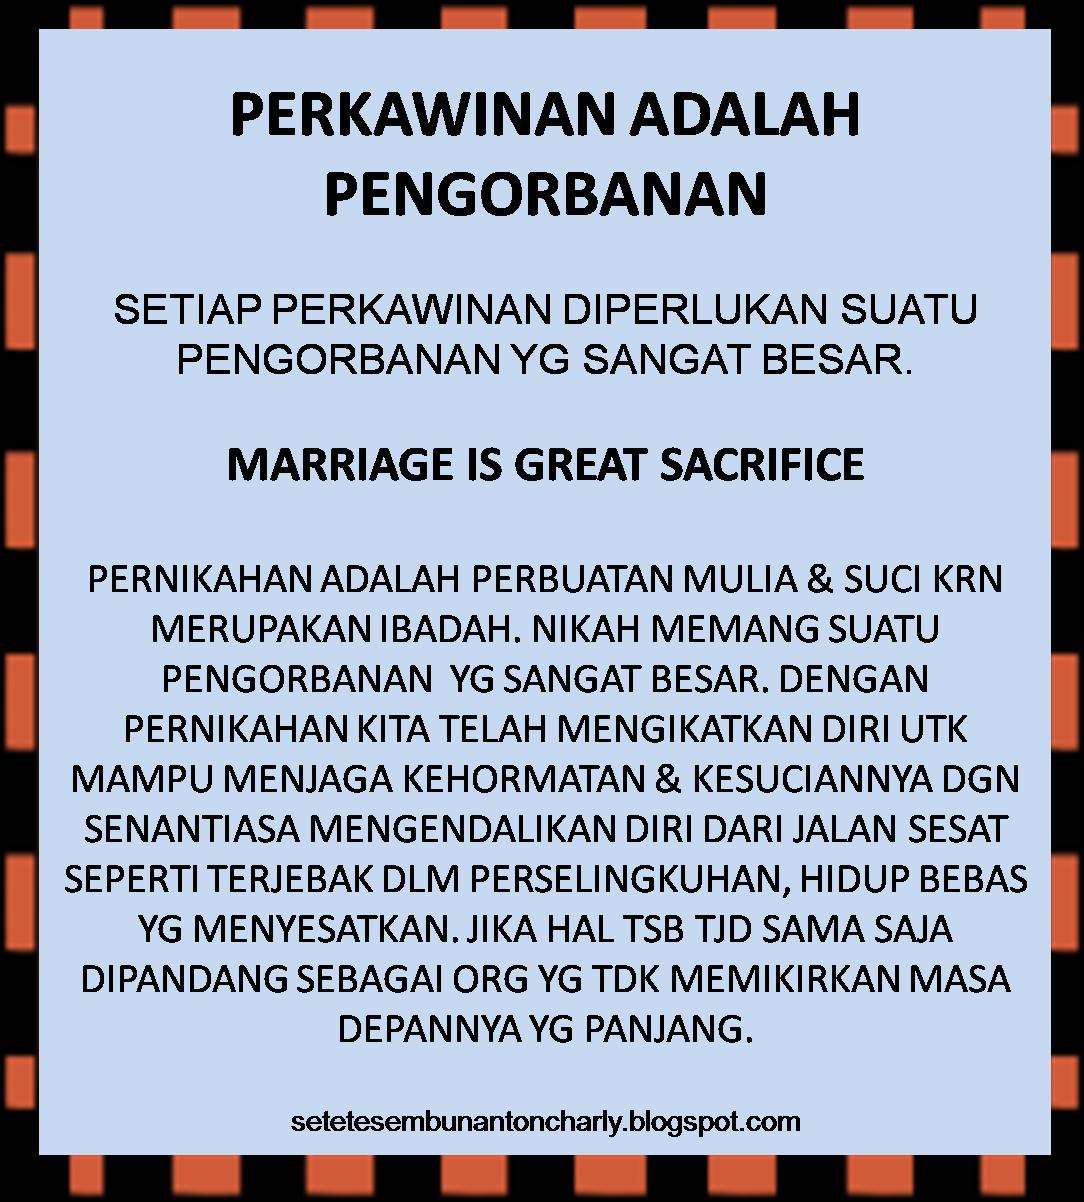 Setetes Embun Anton Charlian 98 Perkawinan Adalah Pengorbanan - Perkawinan Adalah, Pentingnya Pencatatan Perkawinan Menurut Undang